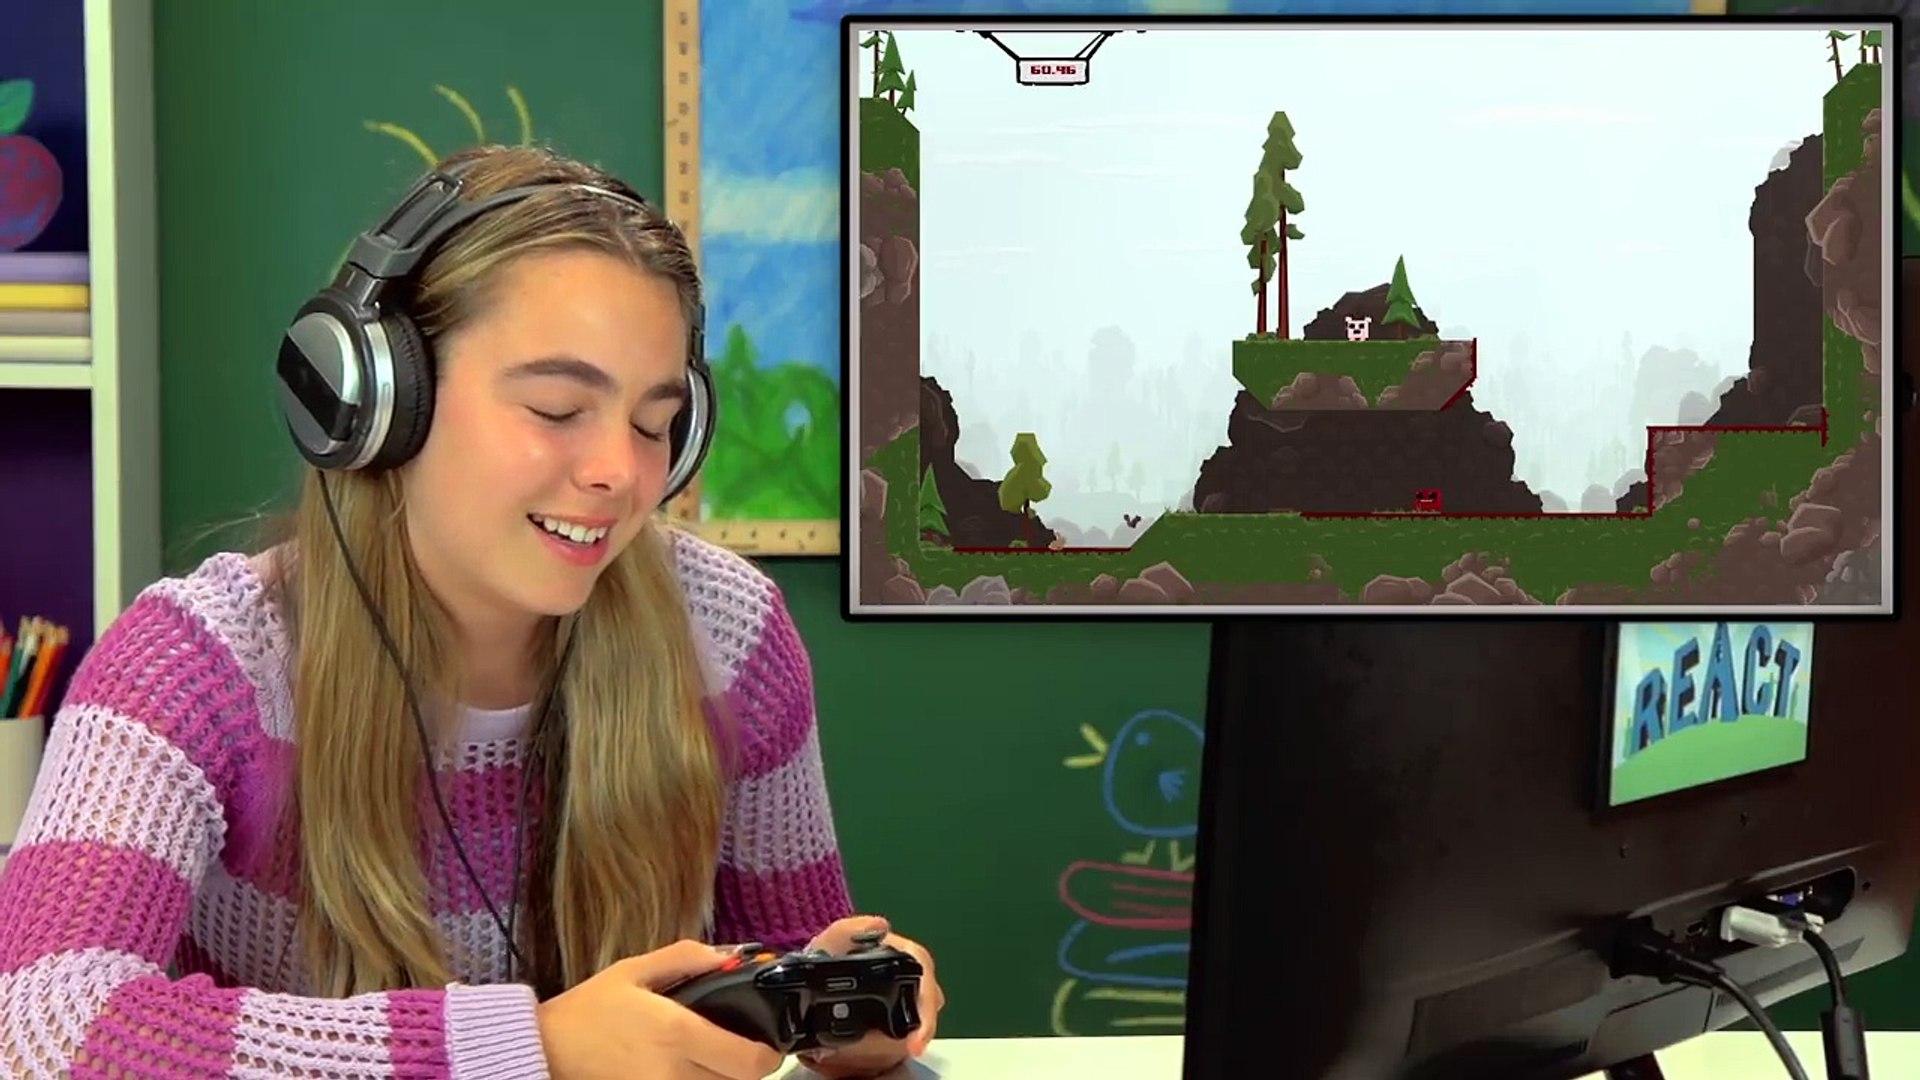 KIDS PLAY SUPER MEAT BOY (Kids React: Gaming)